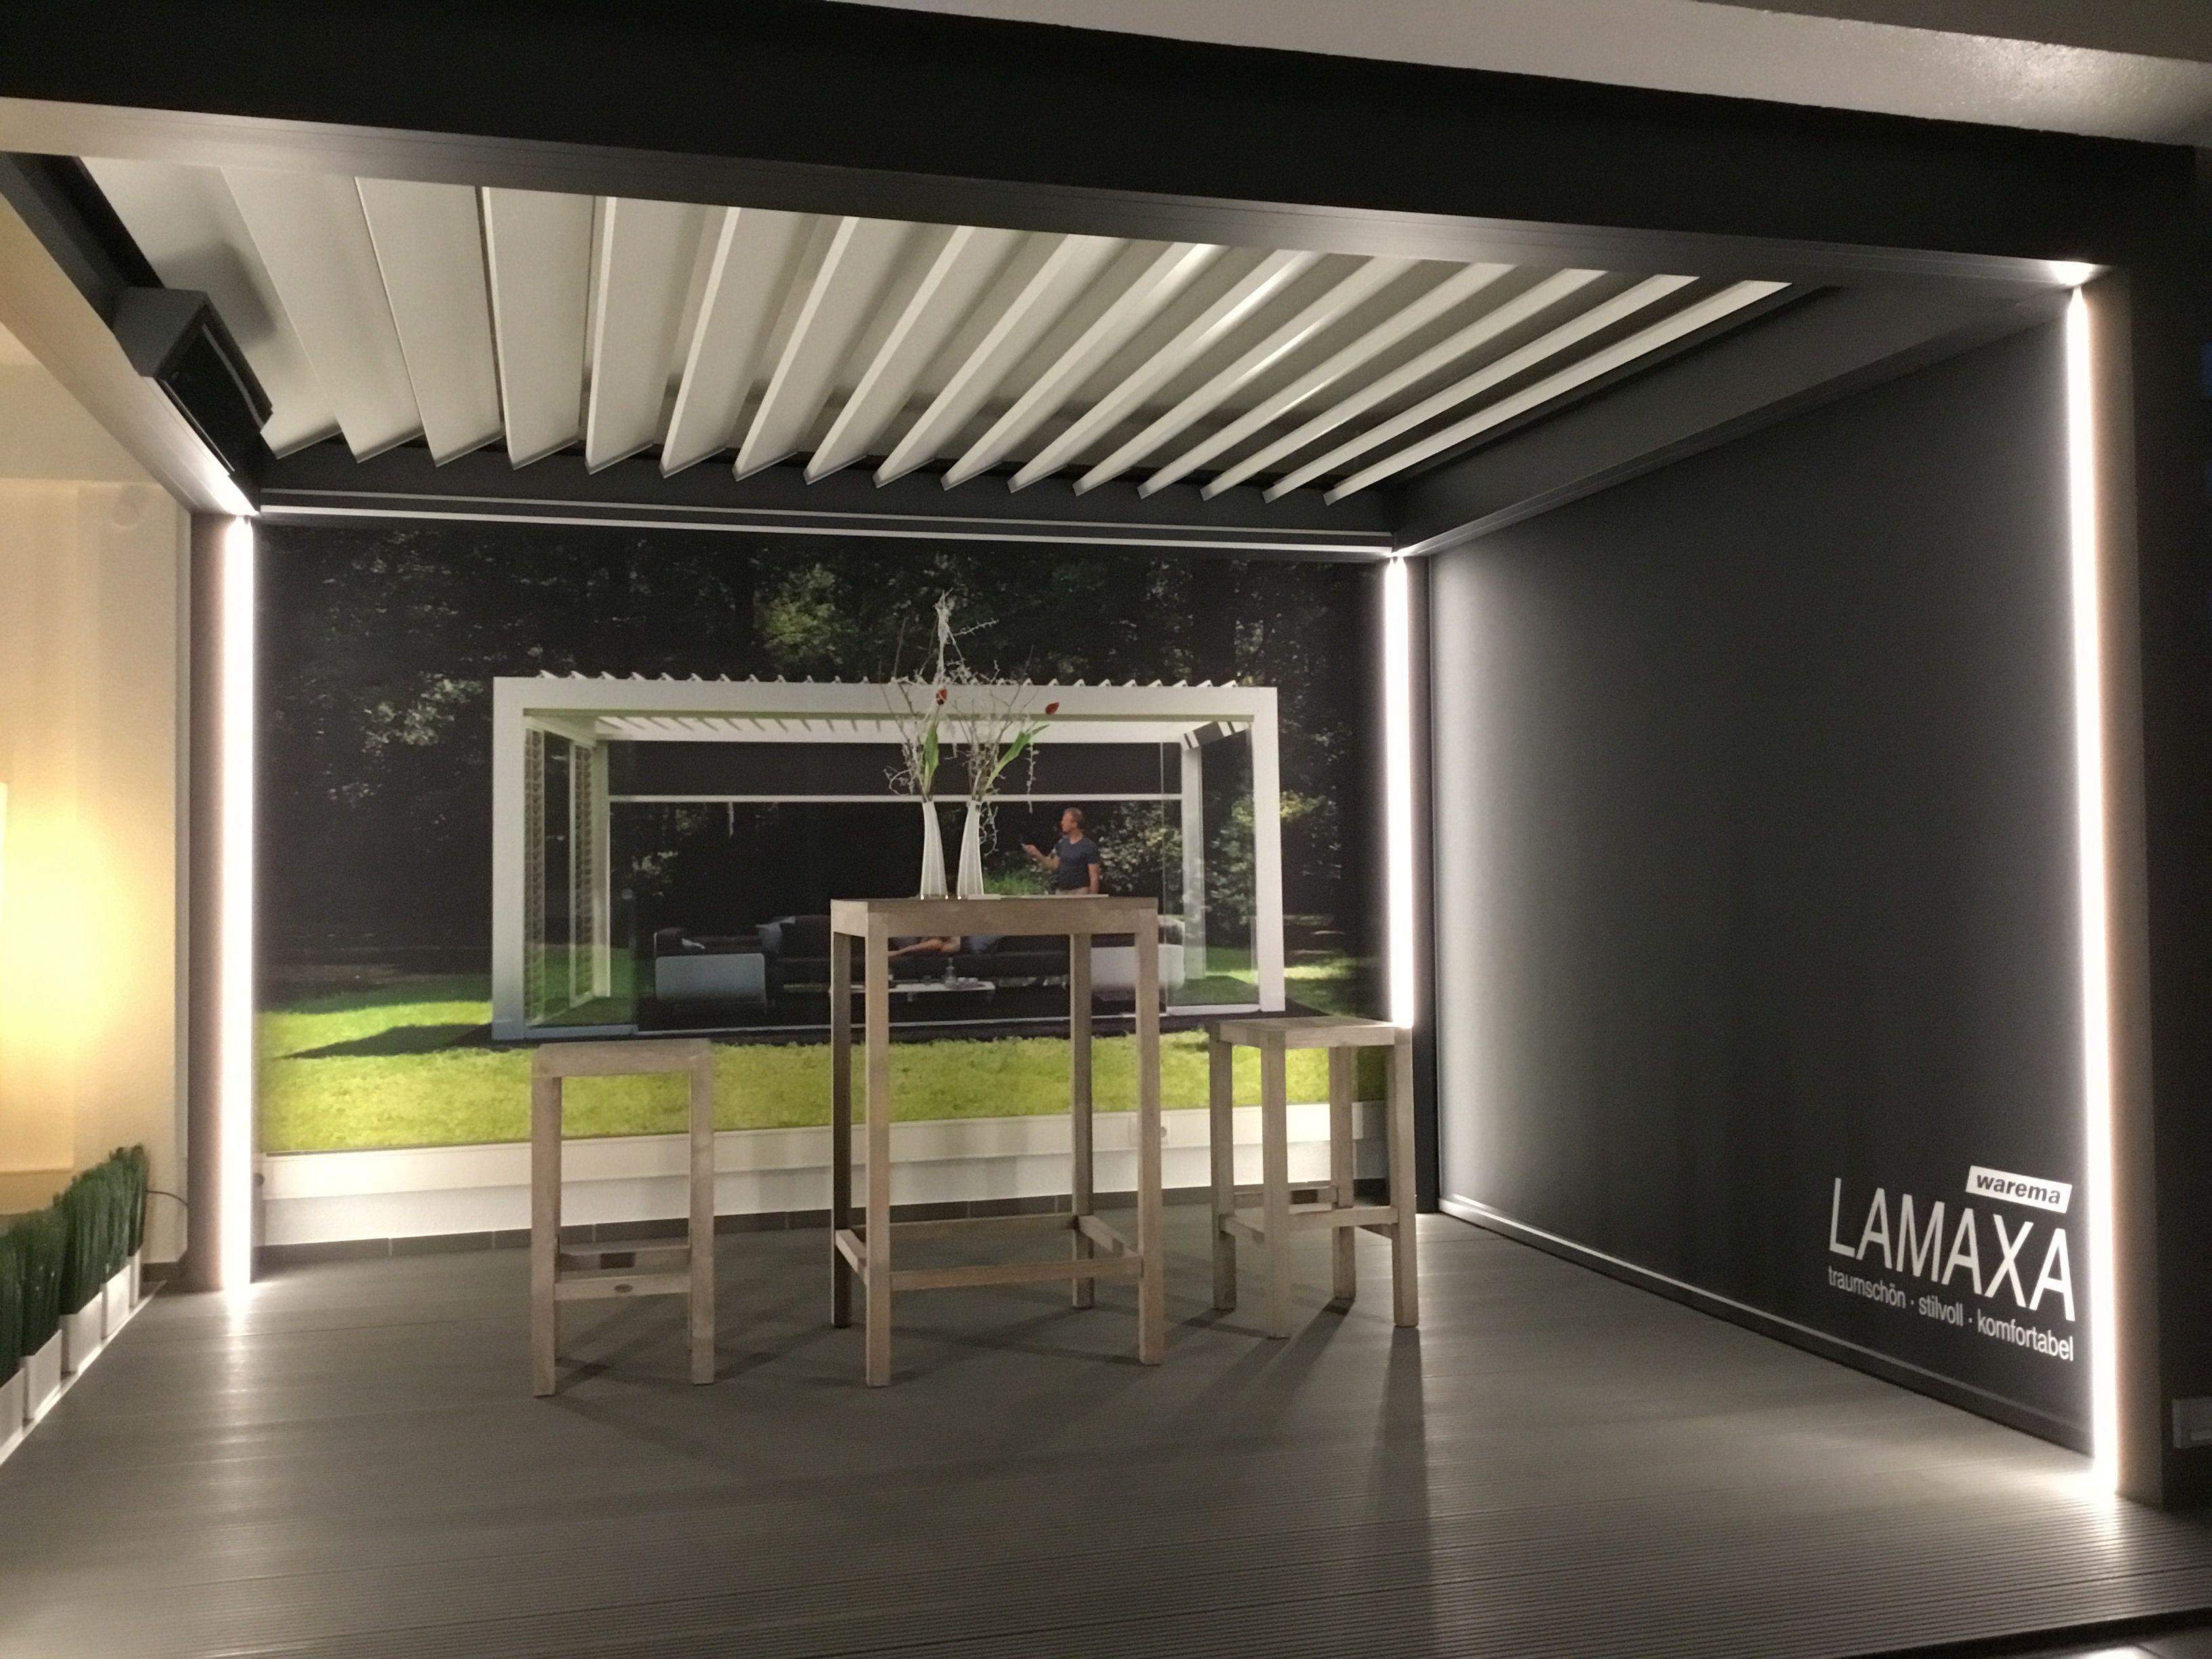 Die Neue Lamaxa Von Warema In 2020 Terrassen Dach Terrassendach Glashaus